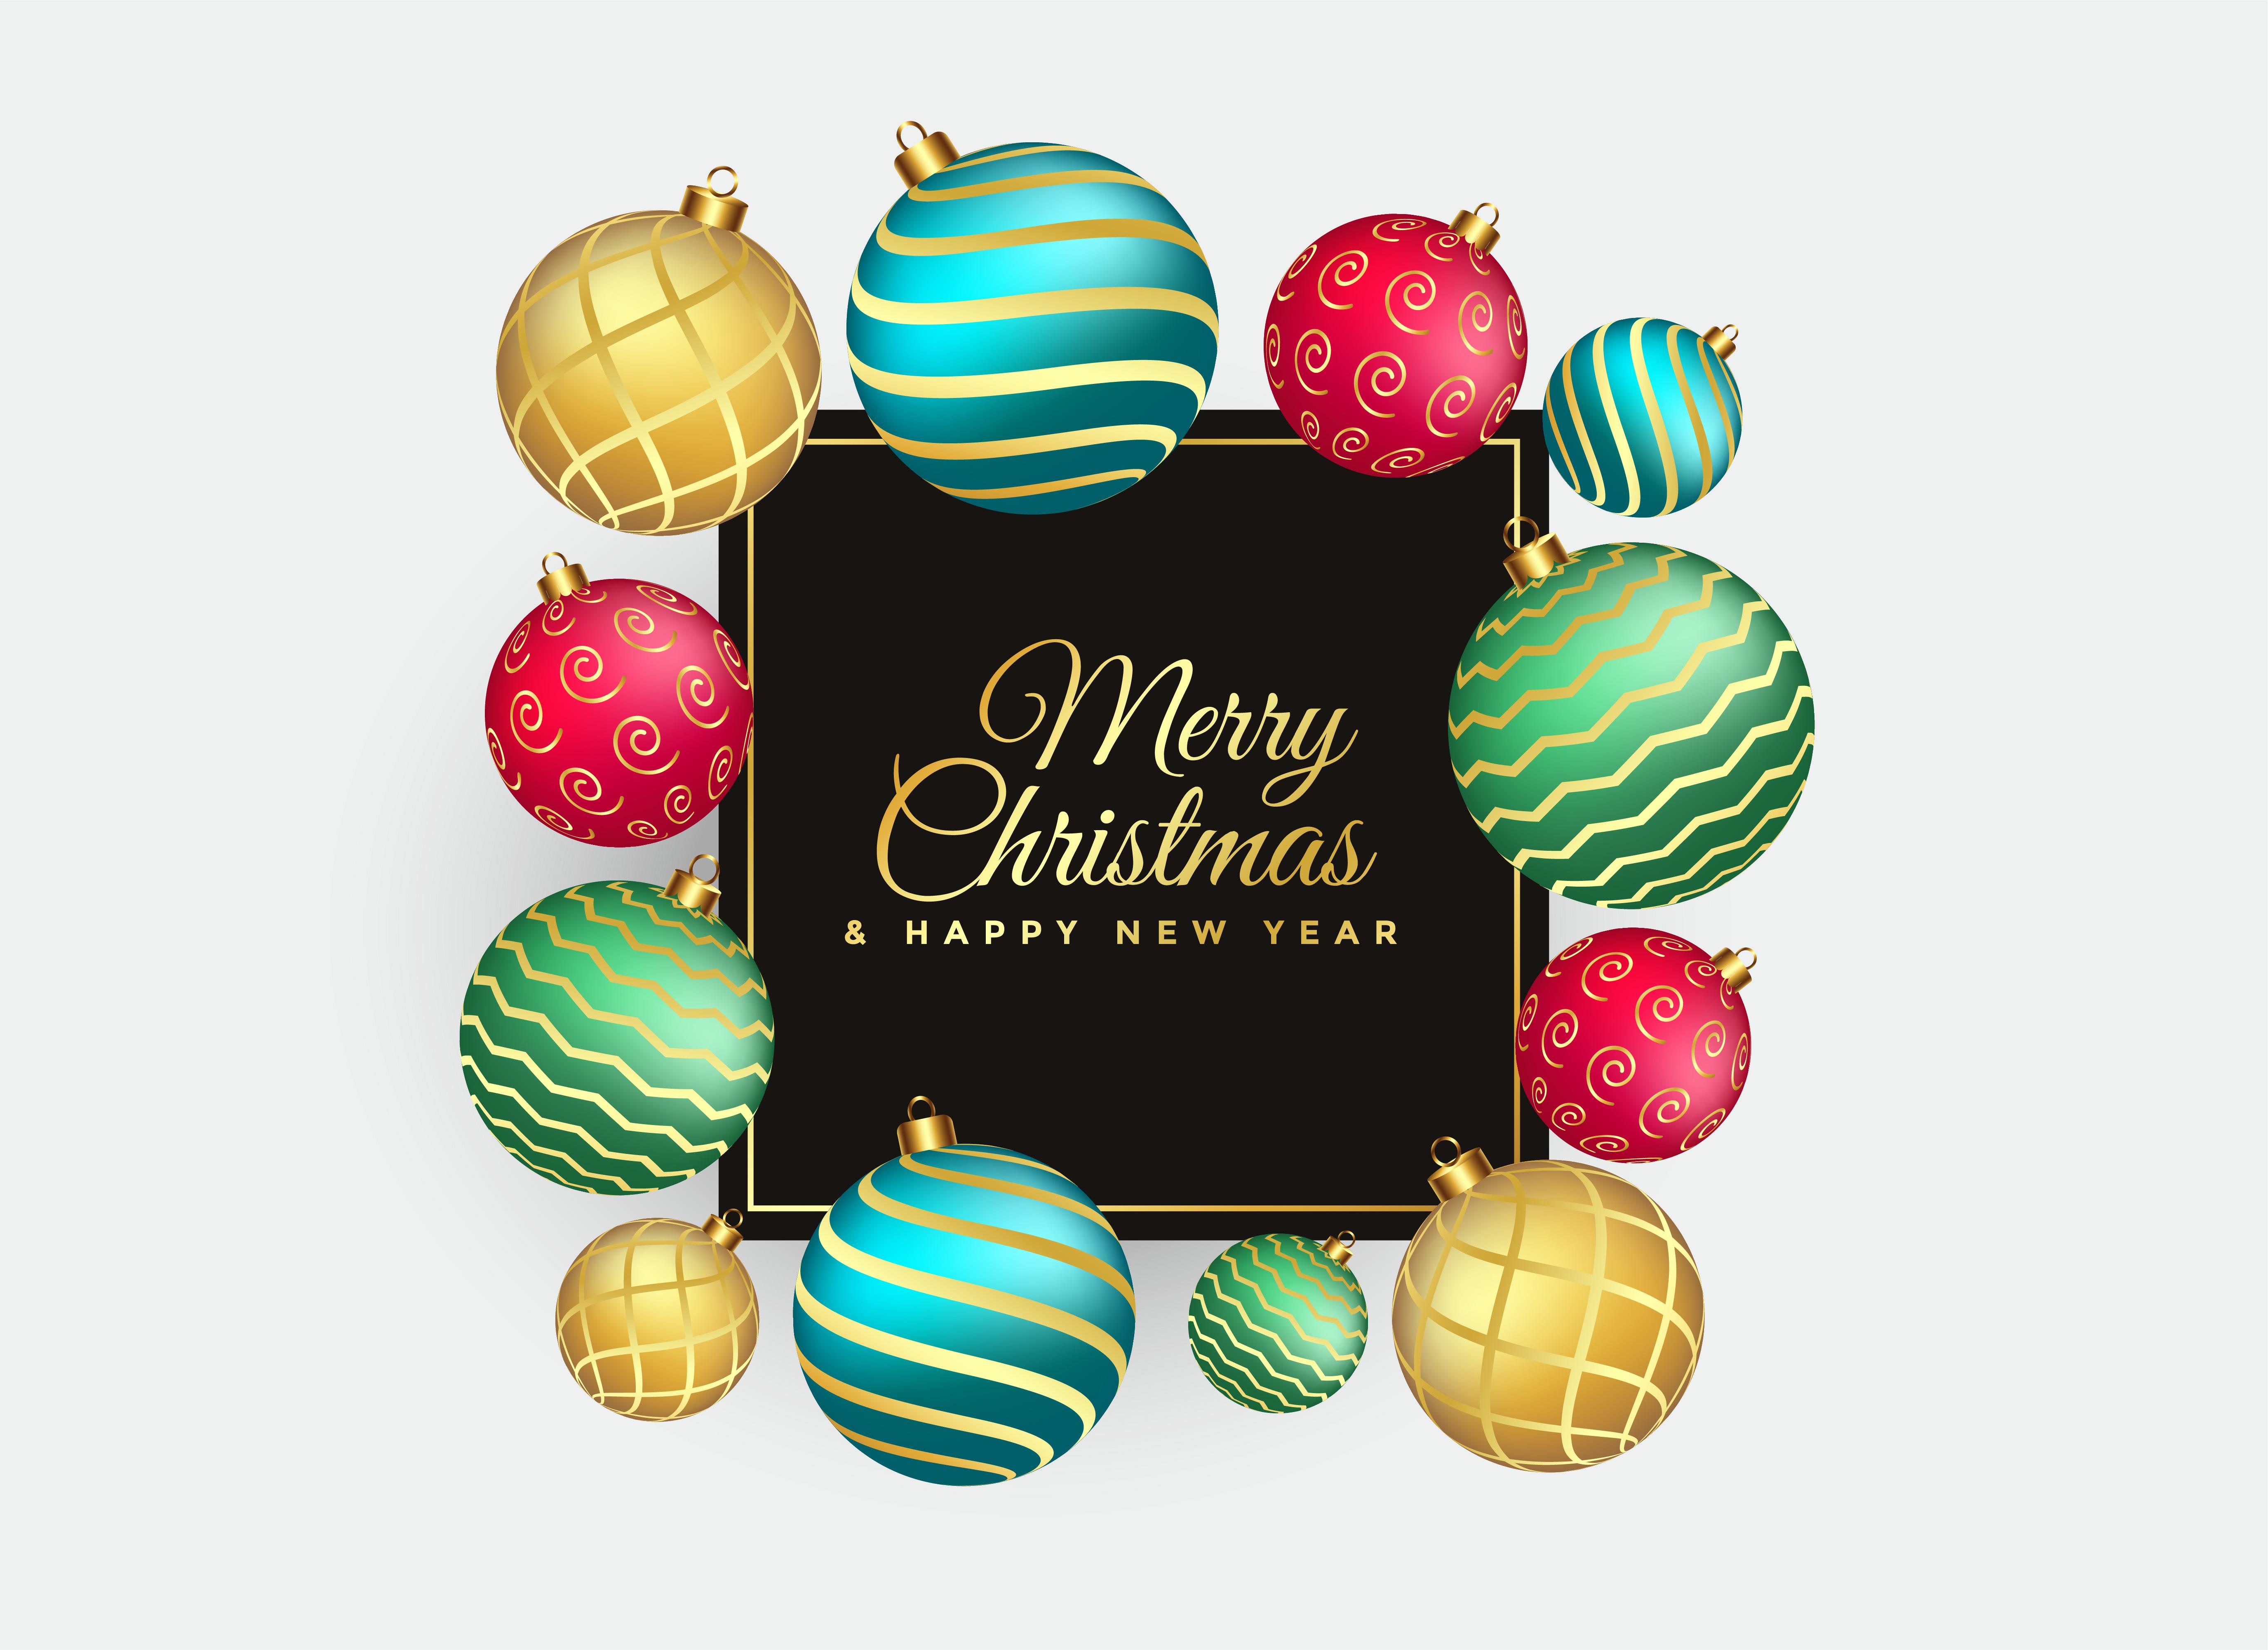 Anteriorsiguiente Fondo Navideño Elegante: Fondo Elegante De Feliz Navidad Con Decoración De Bolas